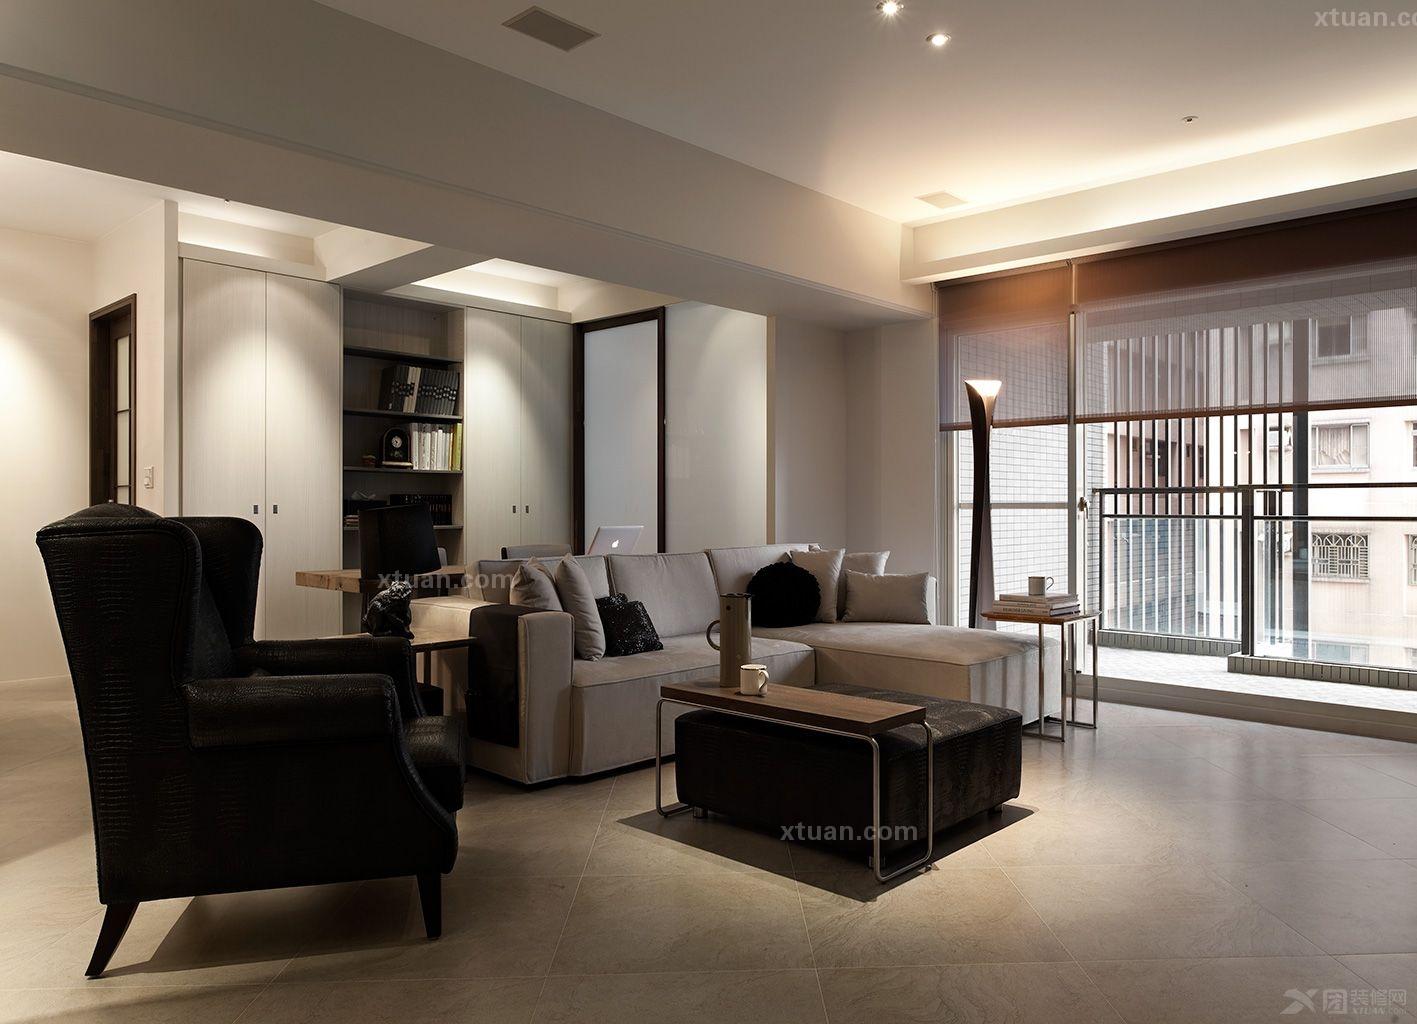 四居室现代风格客厅; 半岛城邦装修效果图;;图片